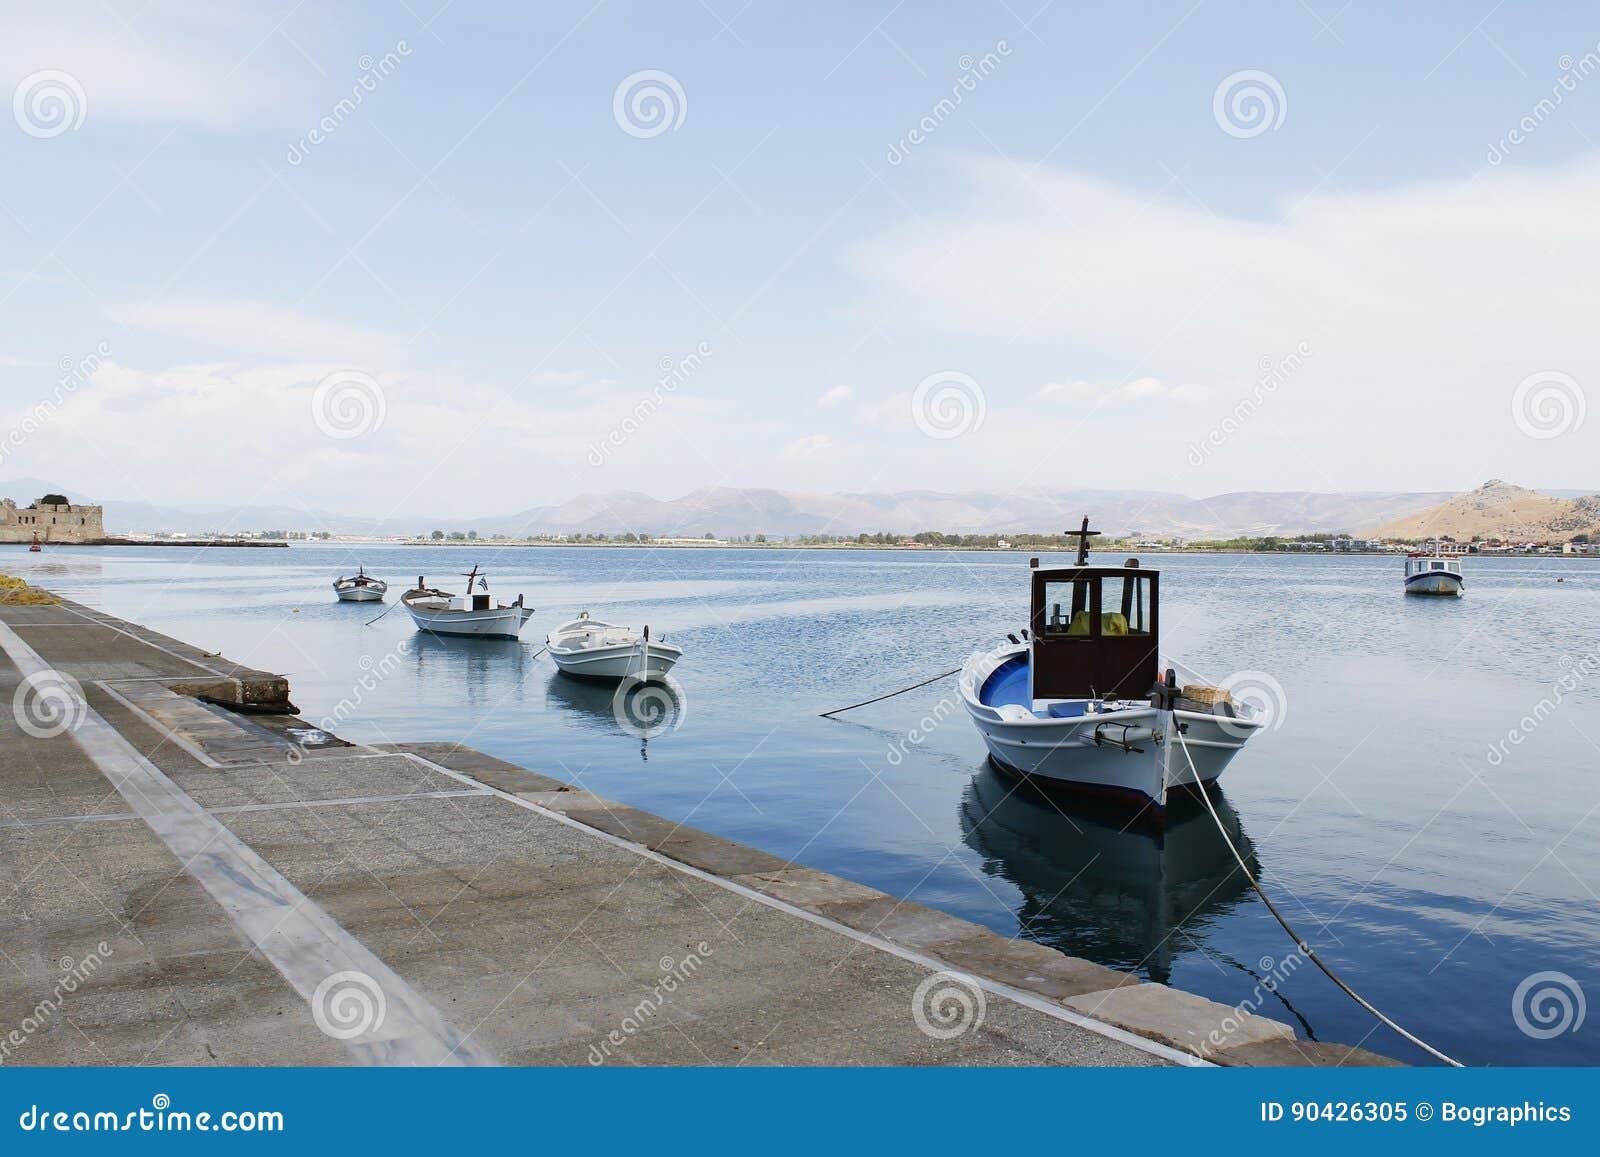 Fishing boats anchored at the dock